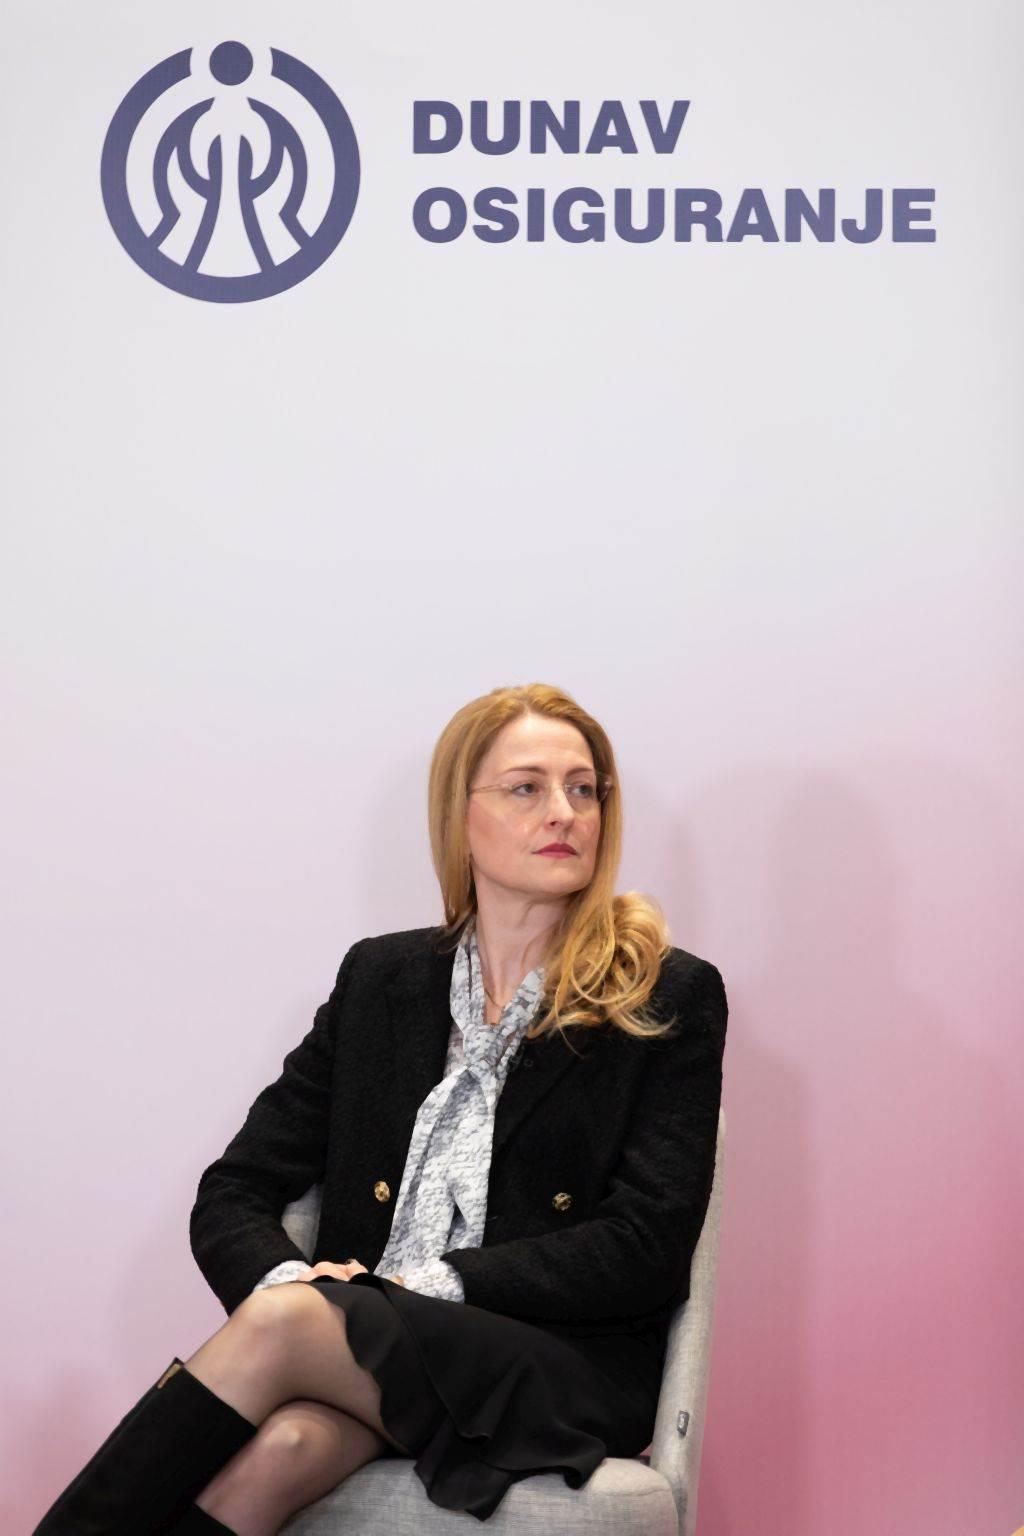 Nataša Bašić, direktorka Direkcije za osiguranje, Dunav Osiguranje